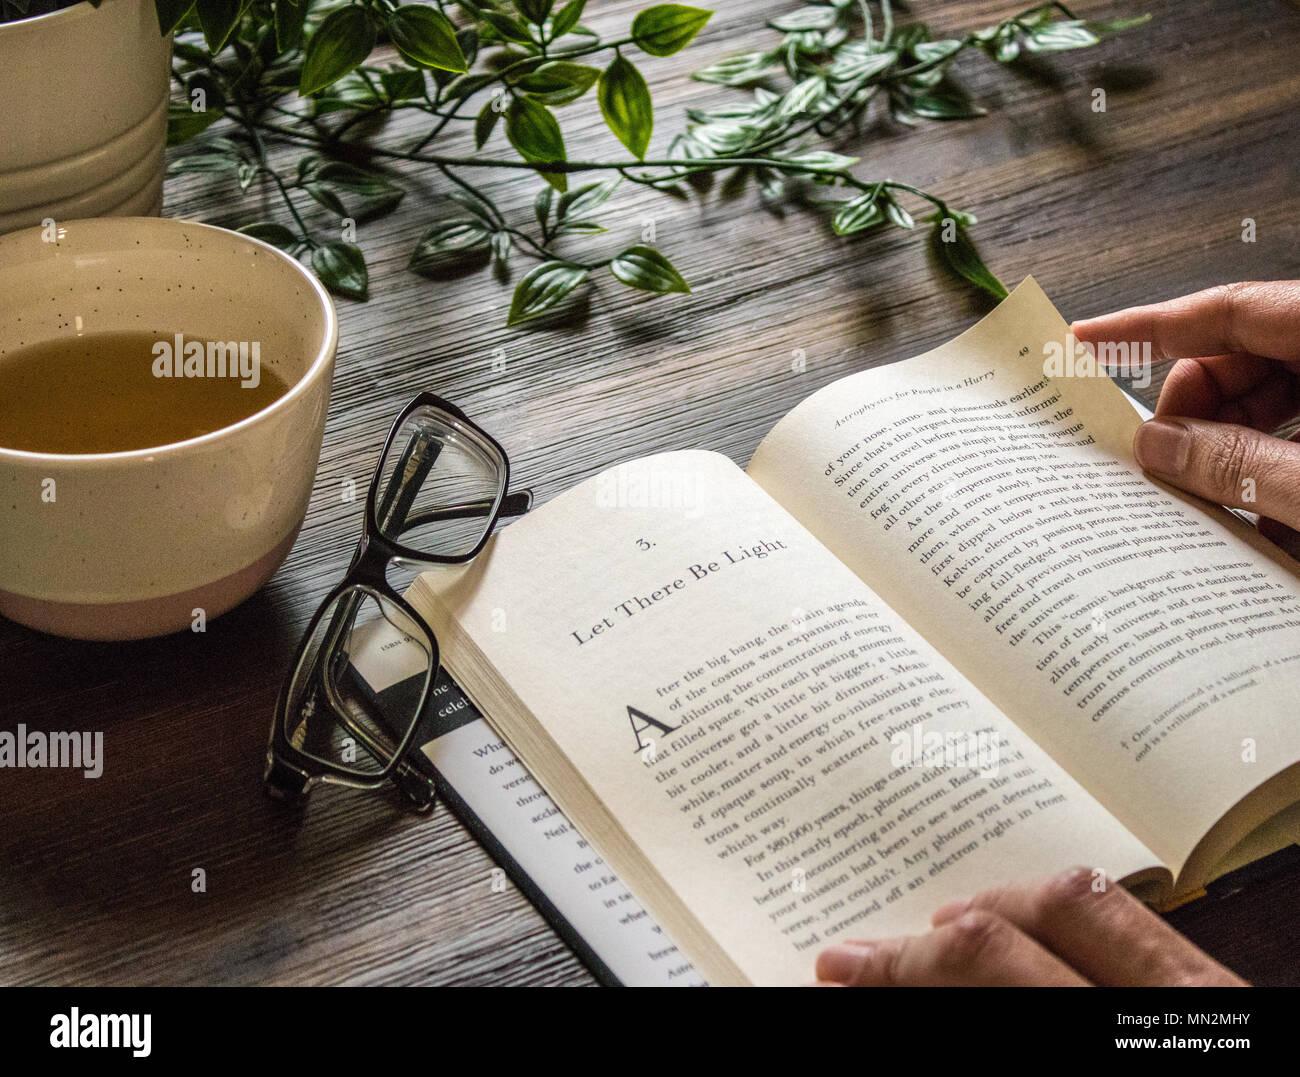 Dimanche matin, la méditation - Thé vert et de la lecture - que la lumière soit! Photo Stock